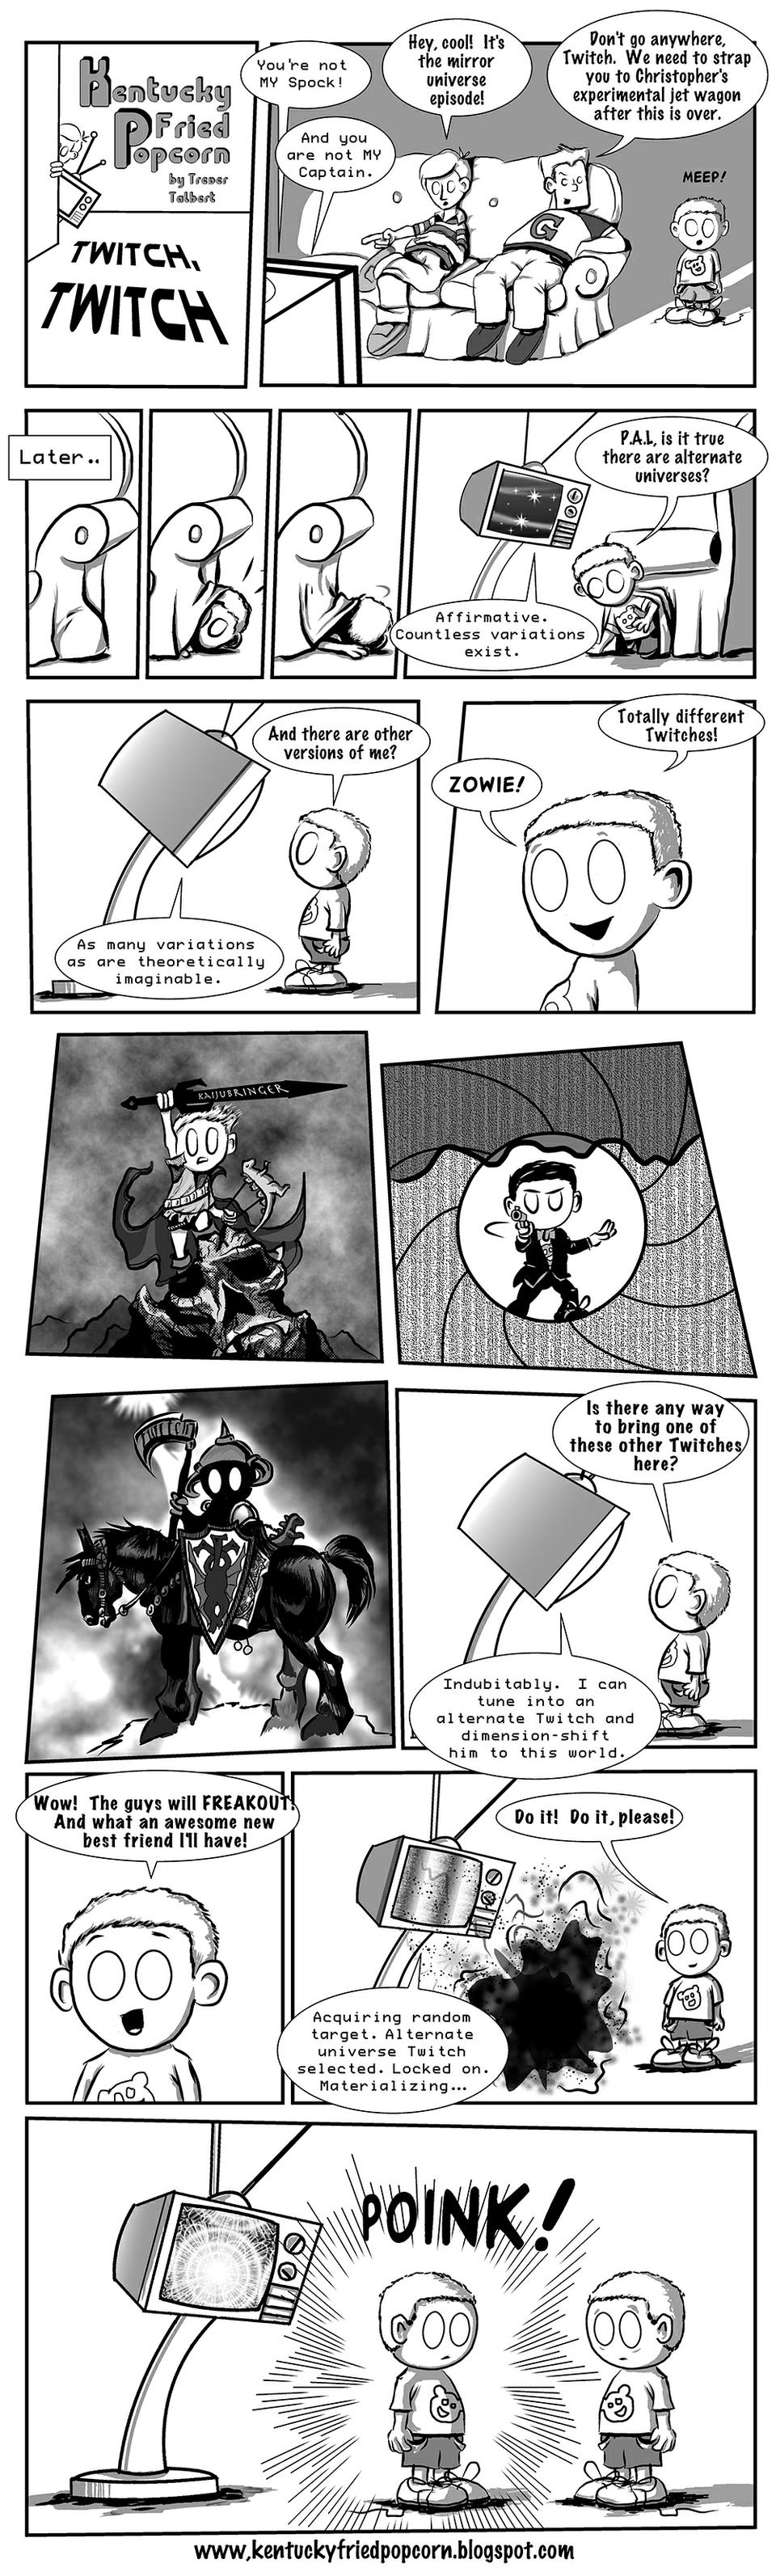 Twitch, Twitch - Part 1